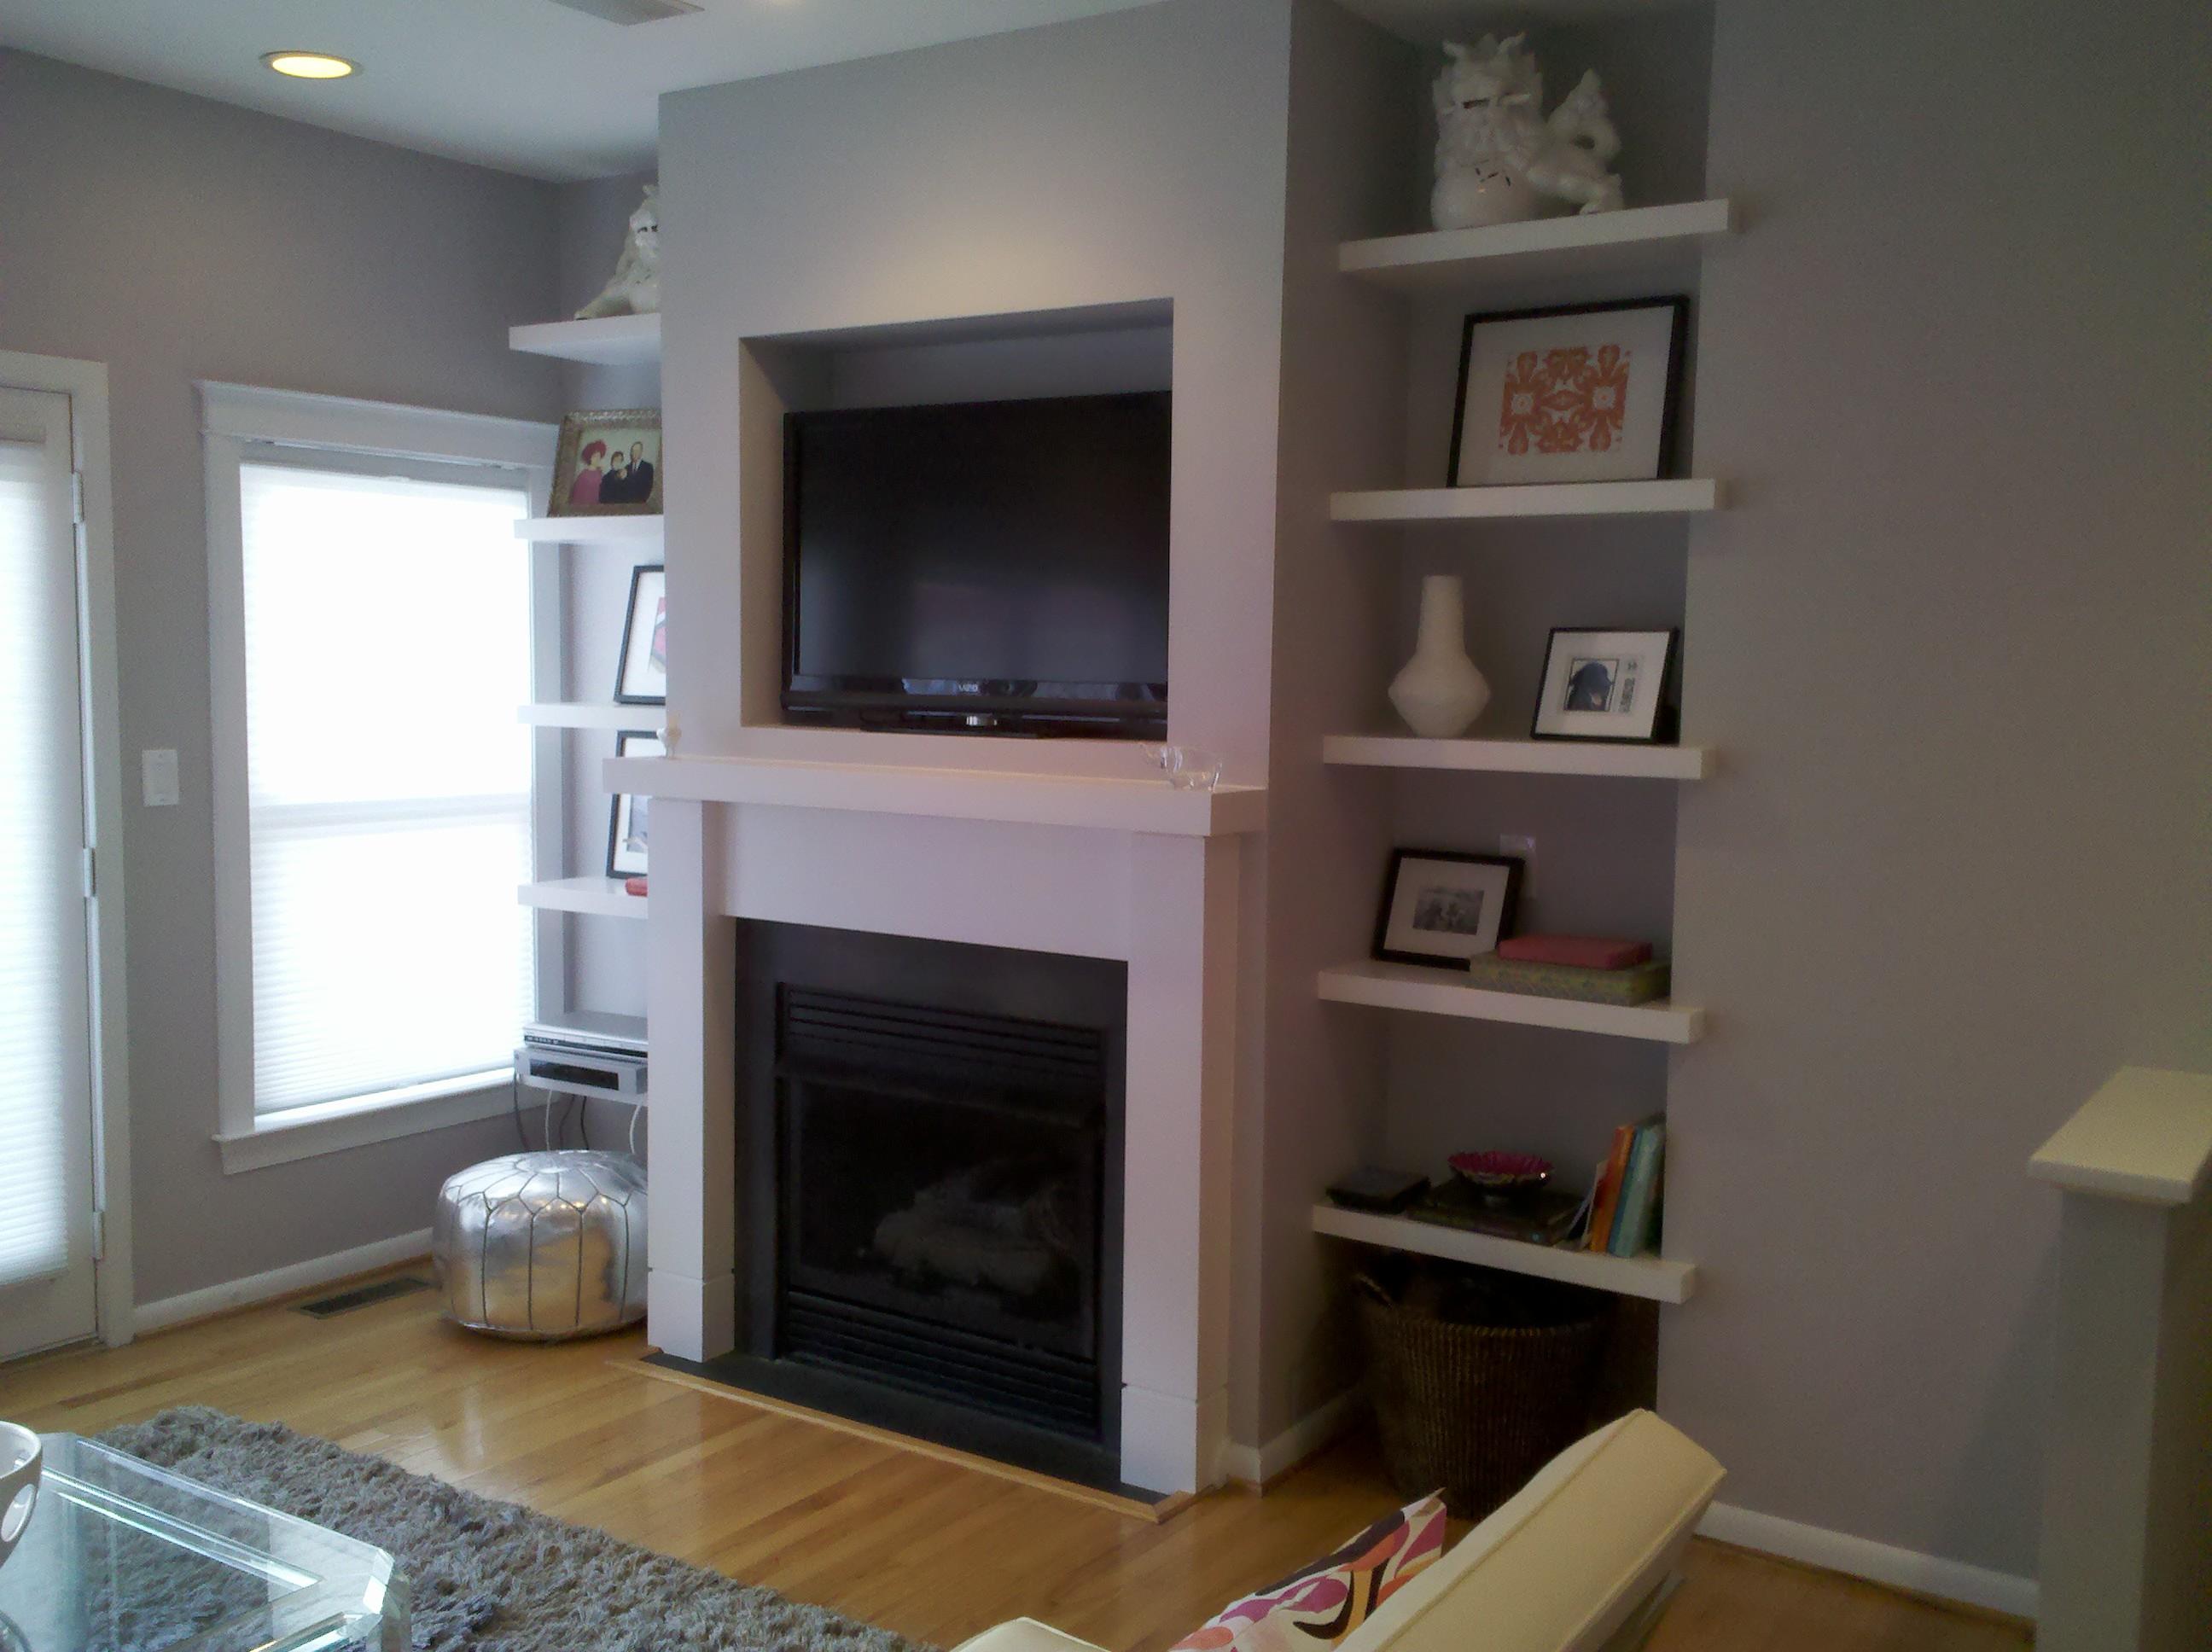 x home wooden long mantel fireplace tv decor floating shelf pin tall deep